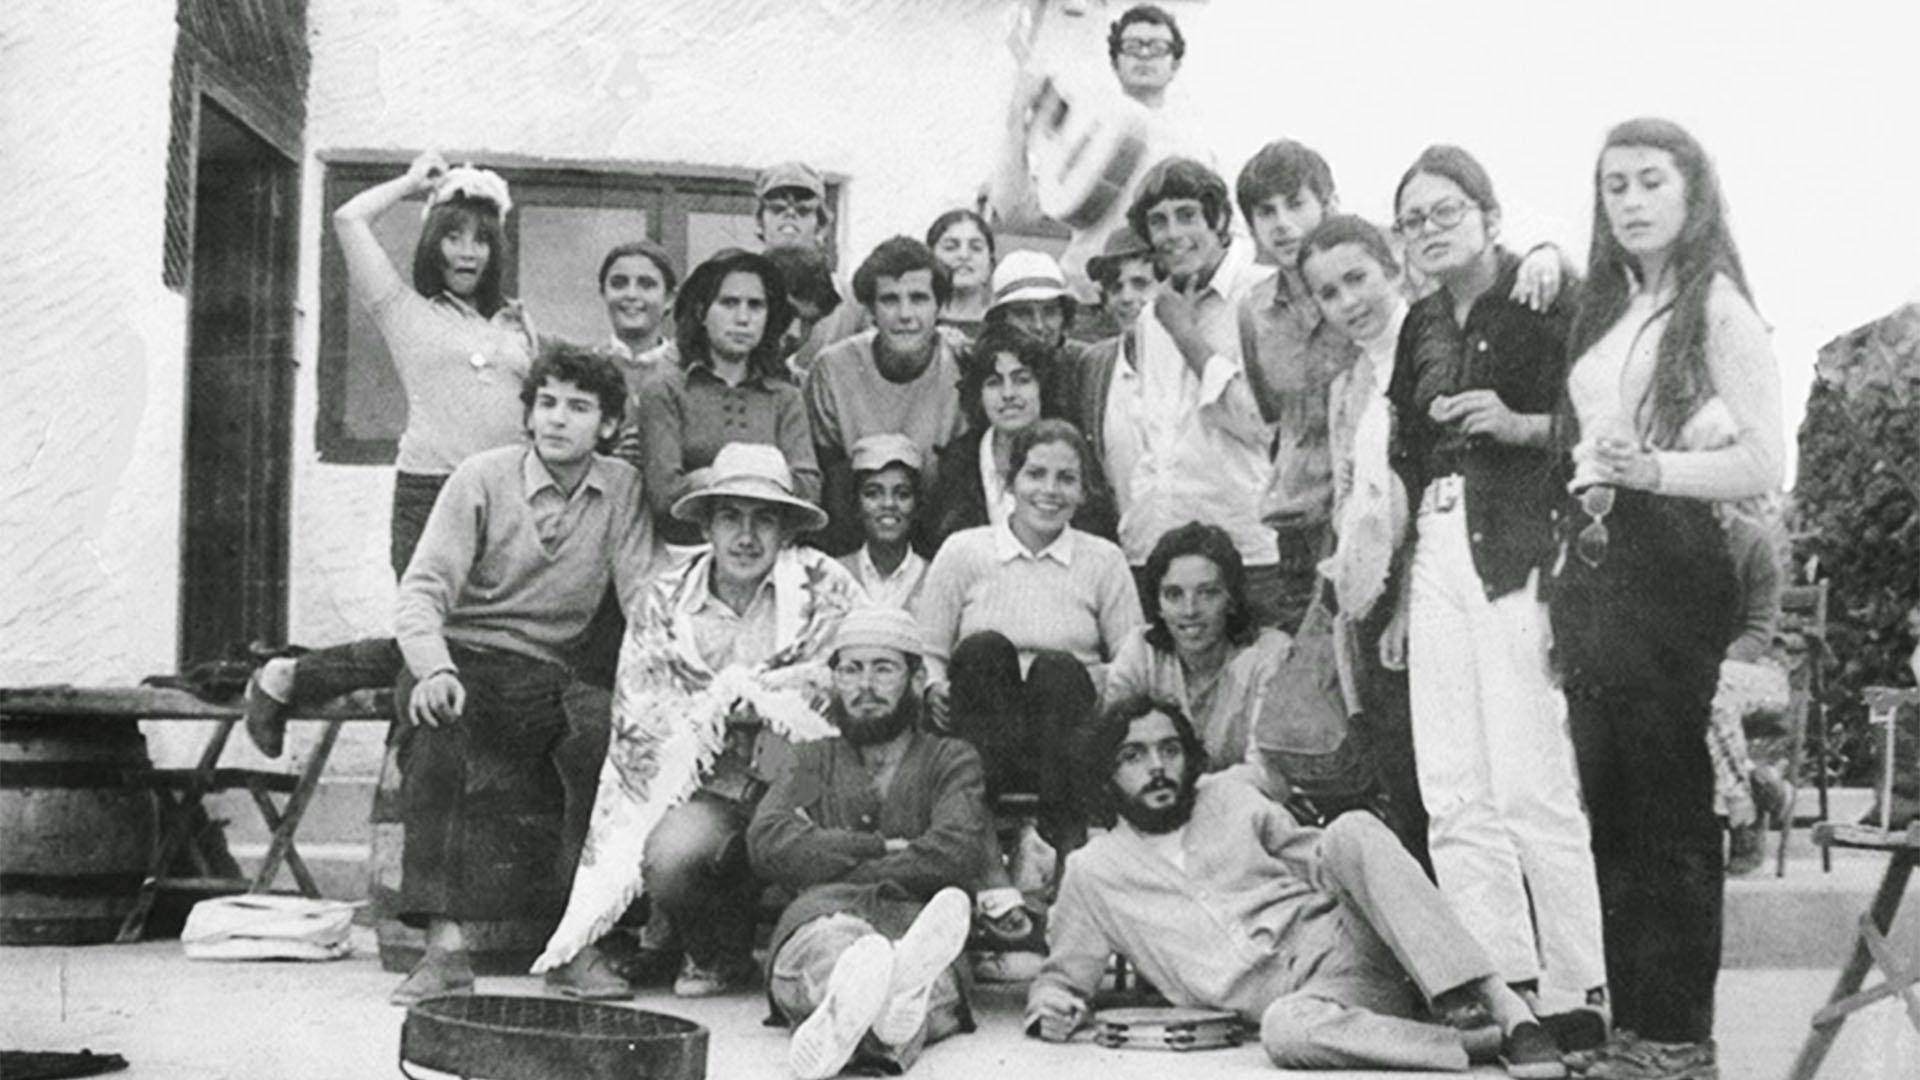 Touristen auf der Isla de Lobos Fuerteventura 1970.